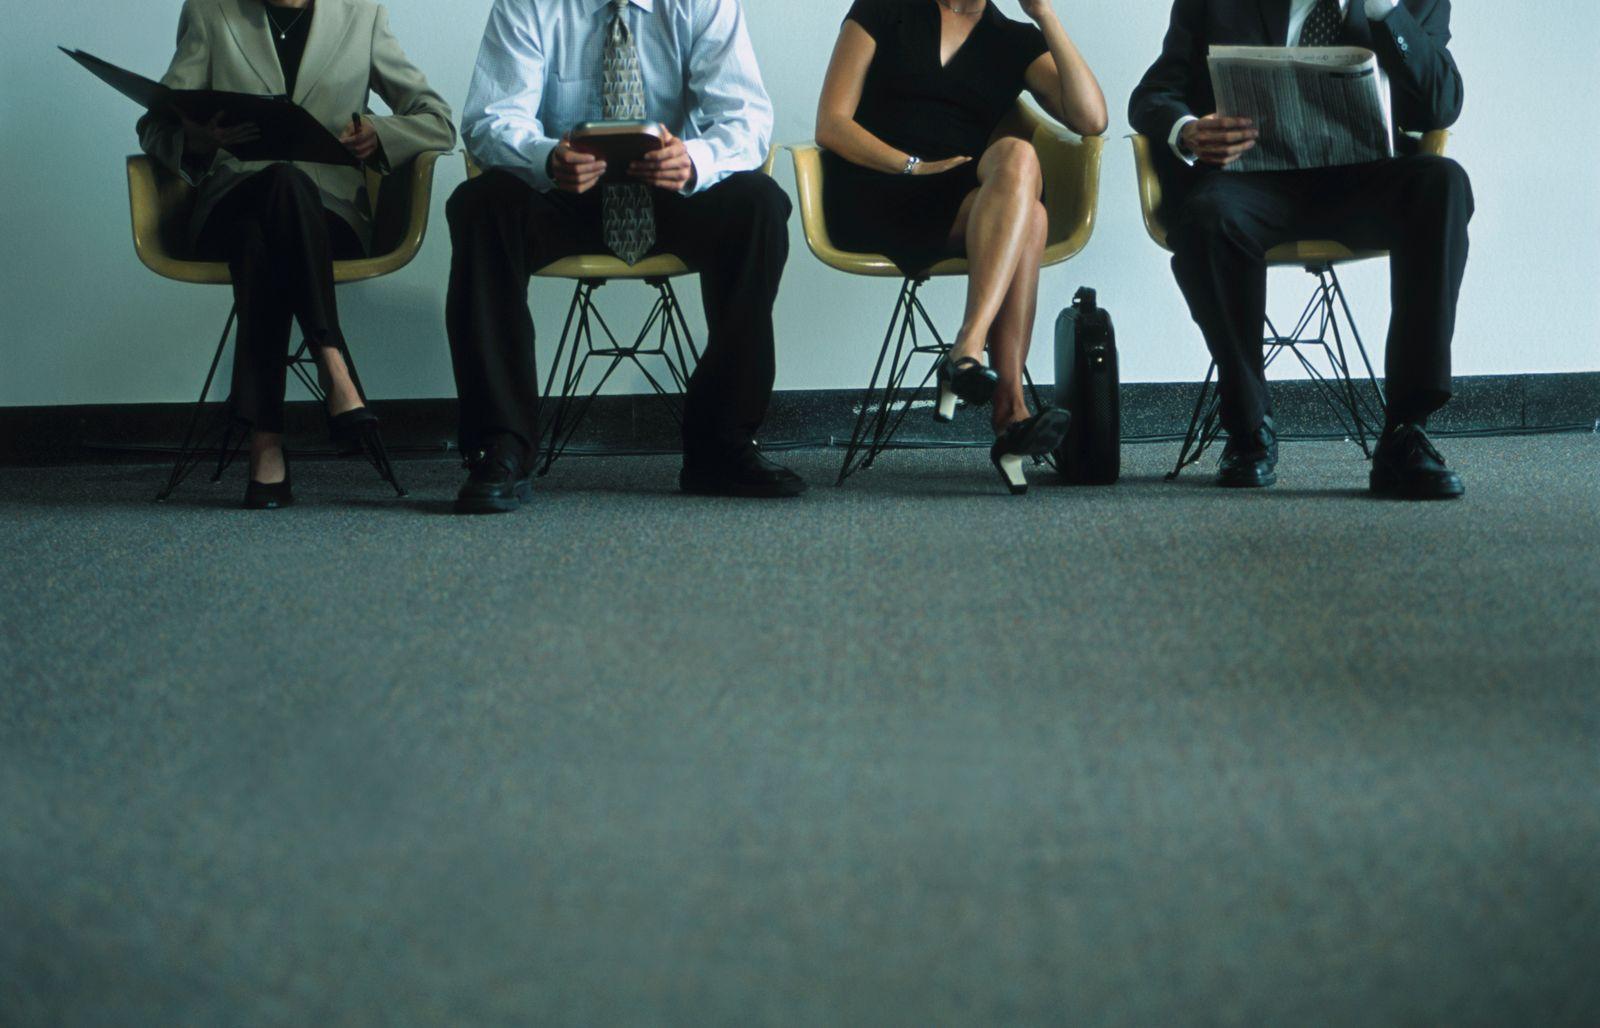 EINMALIGE VERWENDUNG Bewerbung / Job / Gespräch / Warten